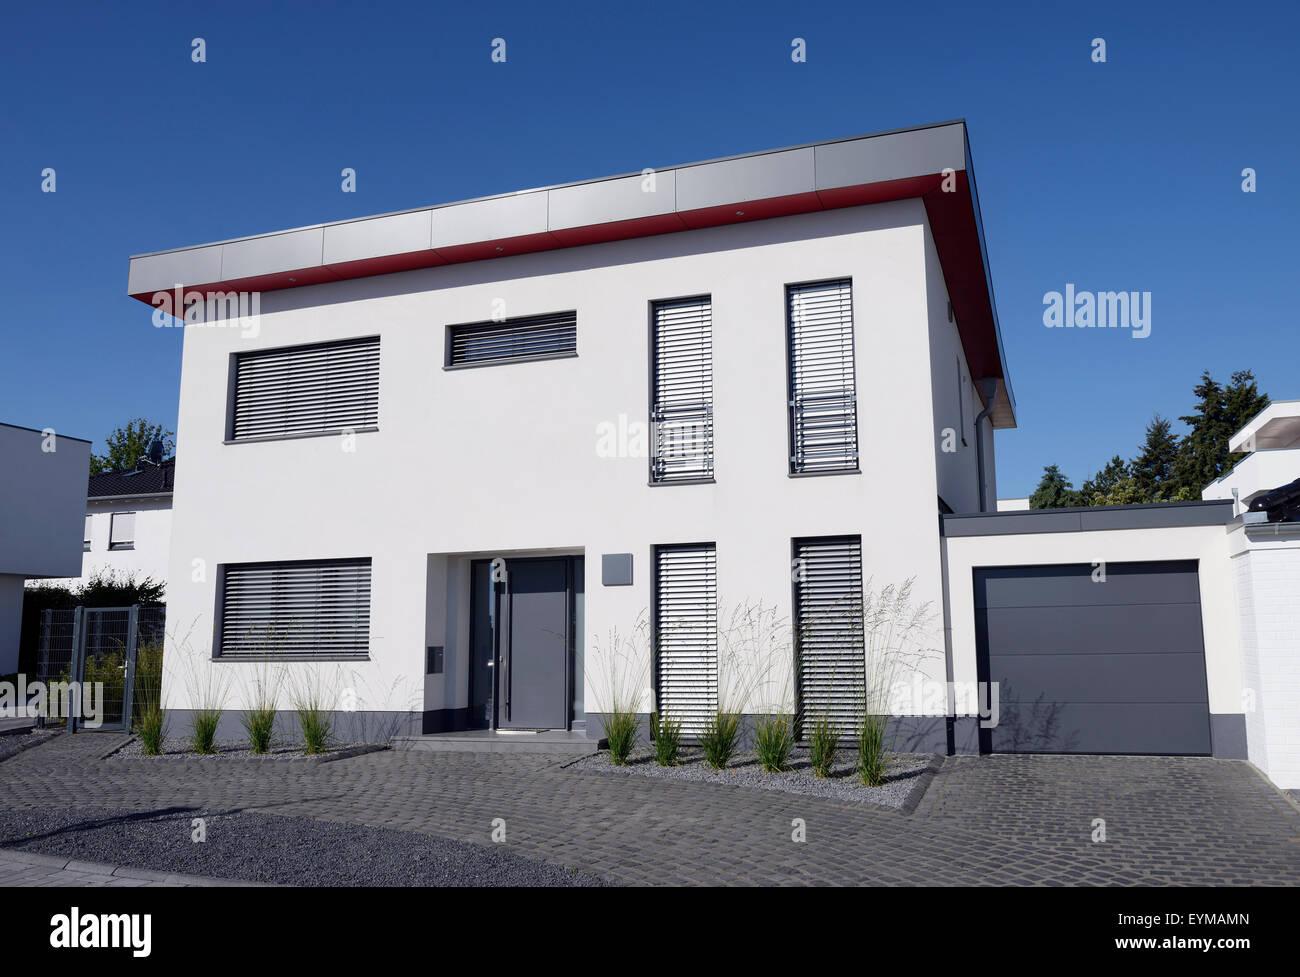 Einfamilienhaus Mit Garage, Deutschland, Nordrhein-Westfalen, Mönchengladbach Stockbild